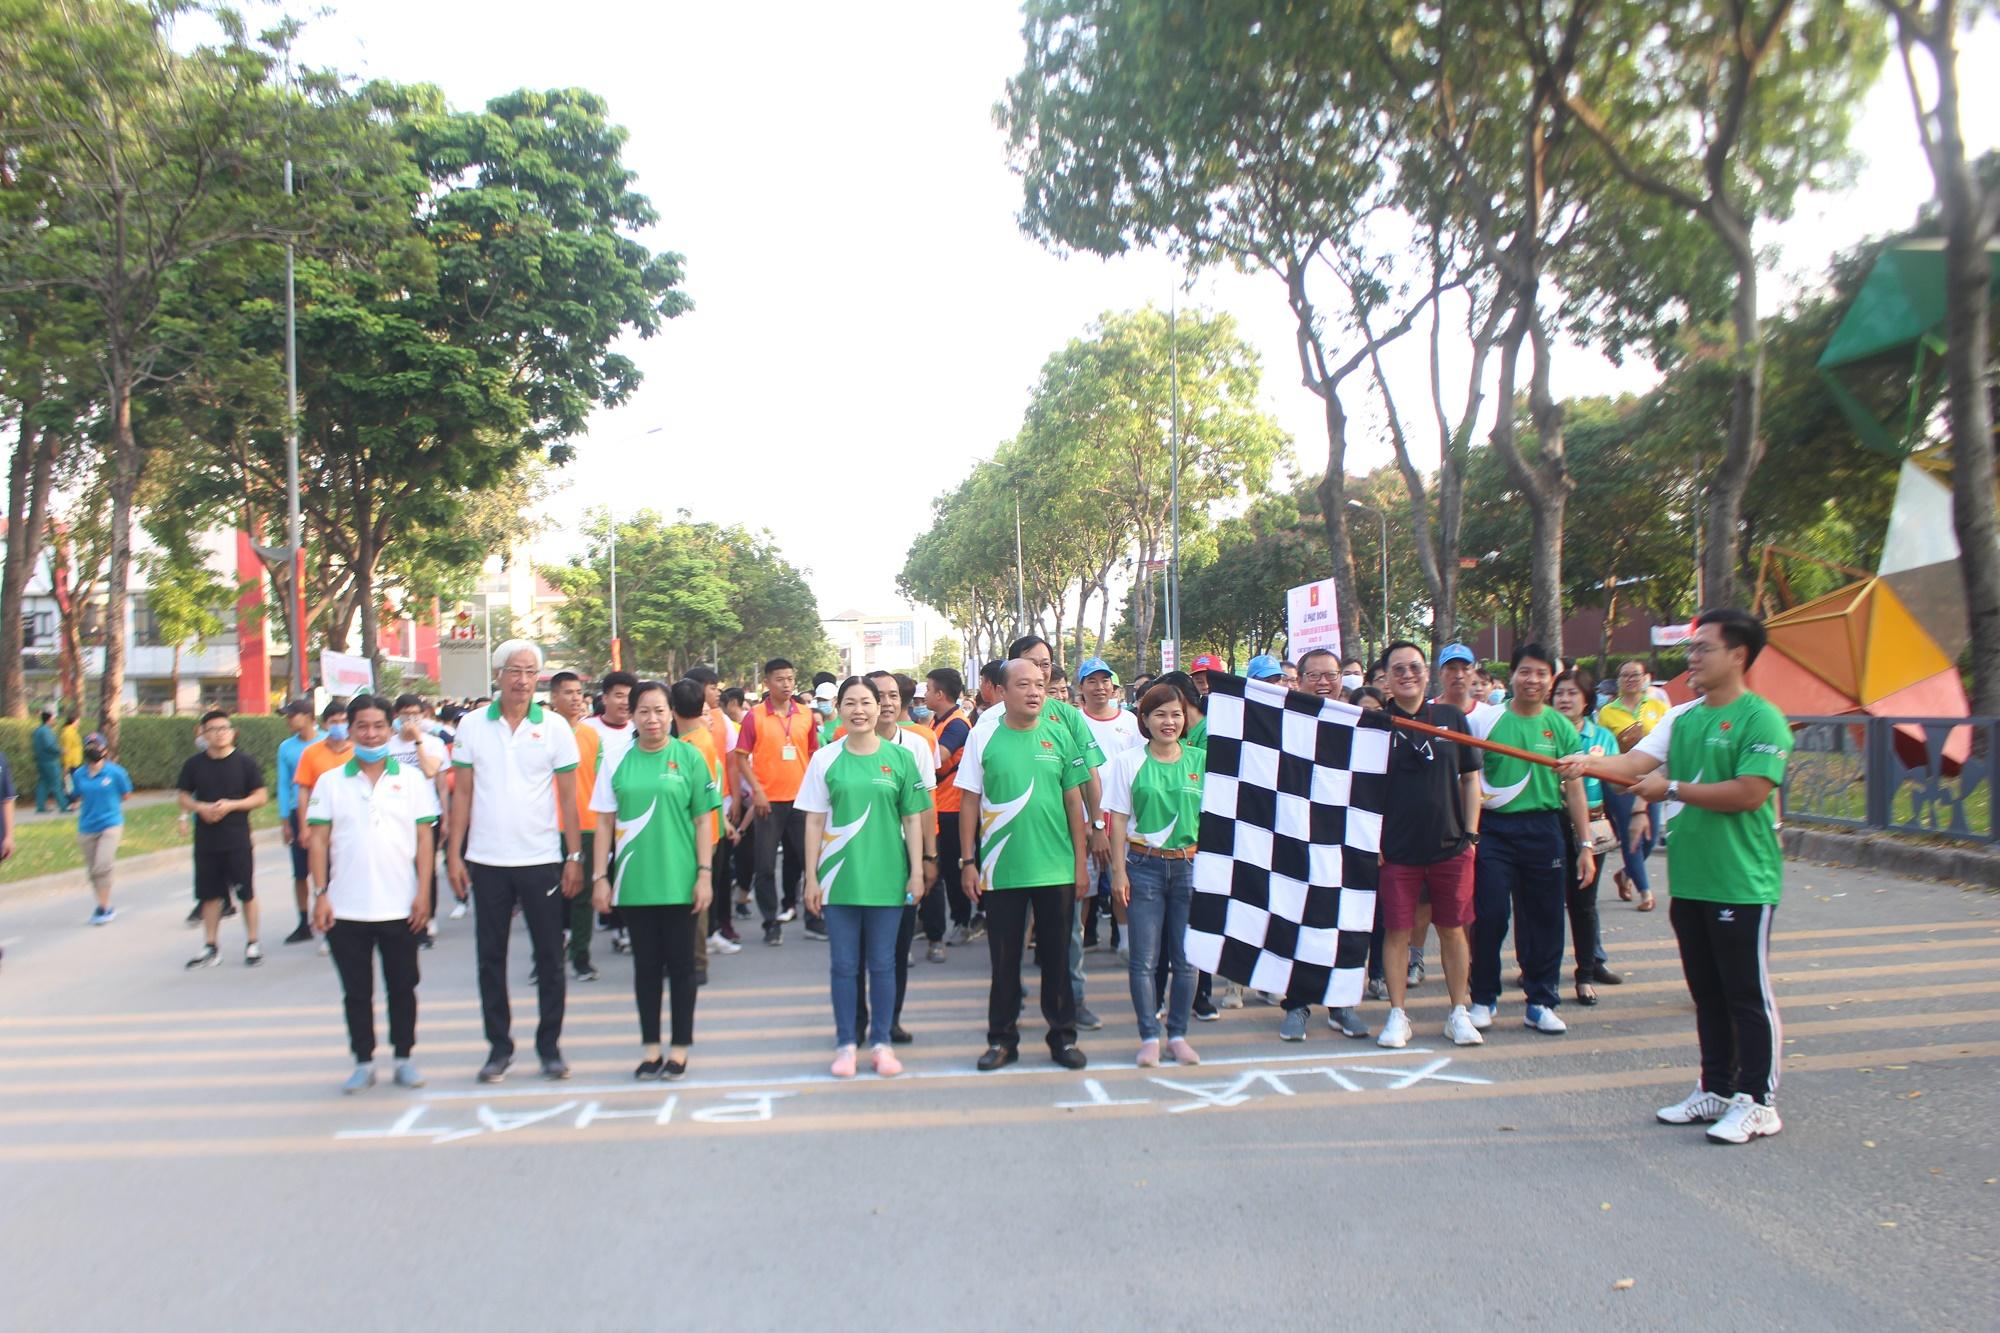 Hình ảnh: Quận Tân Phú: Hơn 1000 người tham dự ngày chạy Olympic vì sức khỏe toàn dân năm 2021 số 4